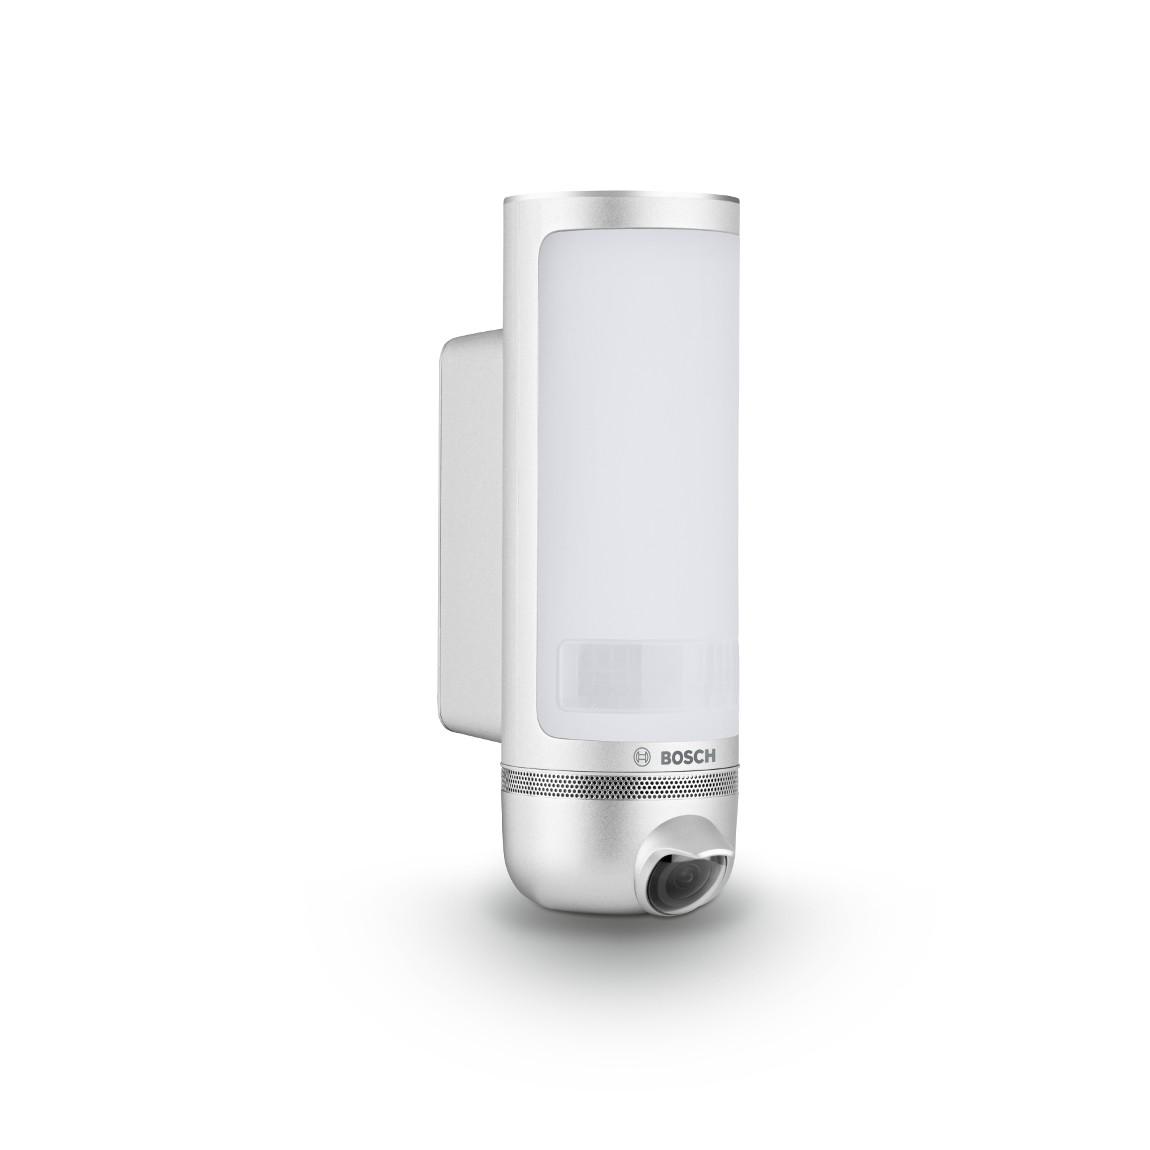 Bosch Smart Home Eyes - Außenkamera - Weiß